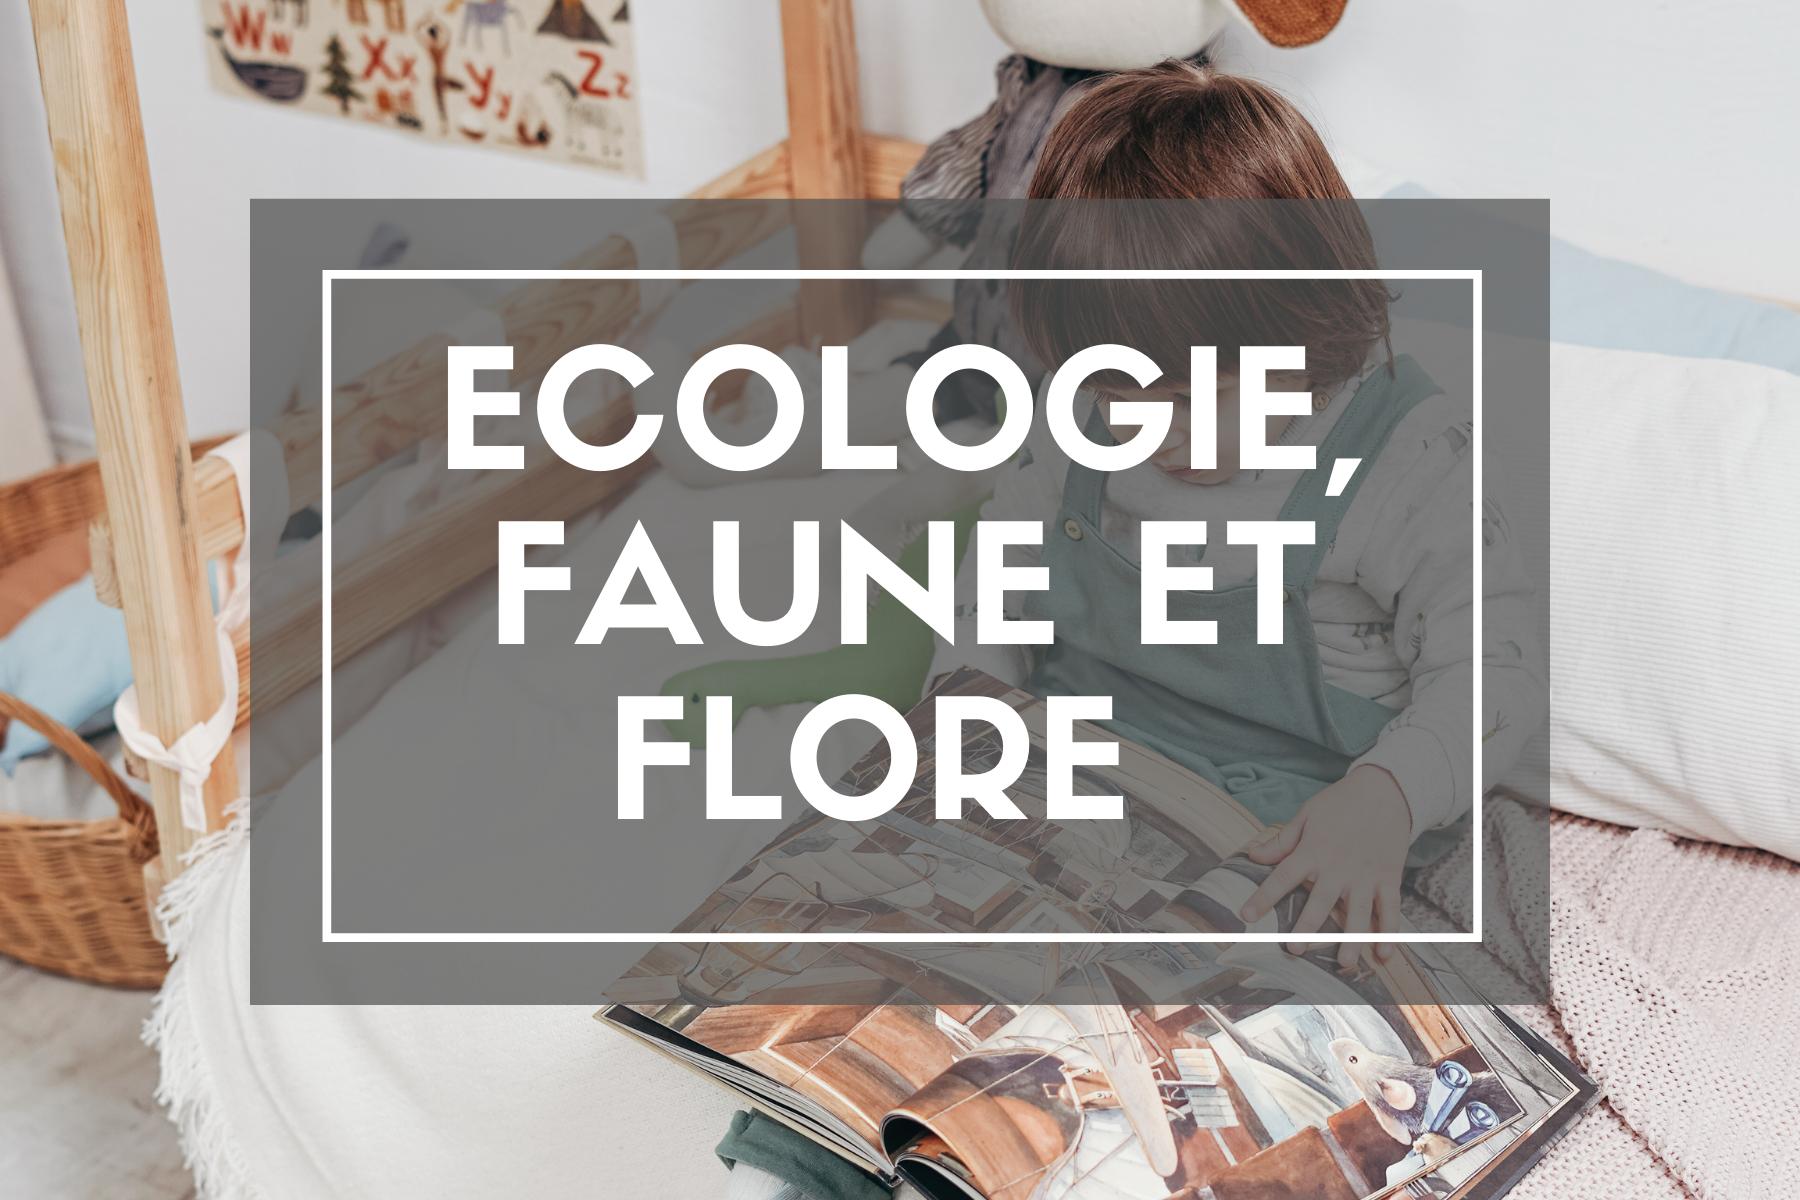 https://www.jeumeconstruis.fr/151-ecologie-faune-et-flore